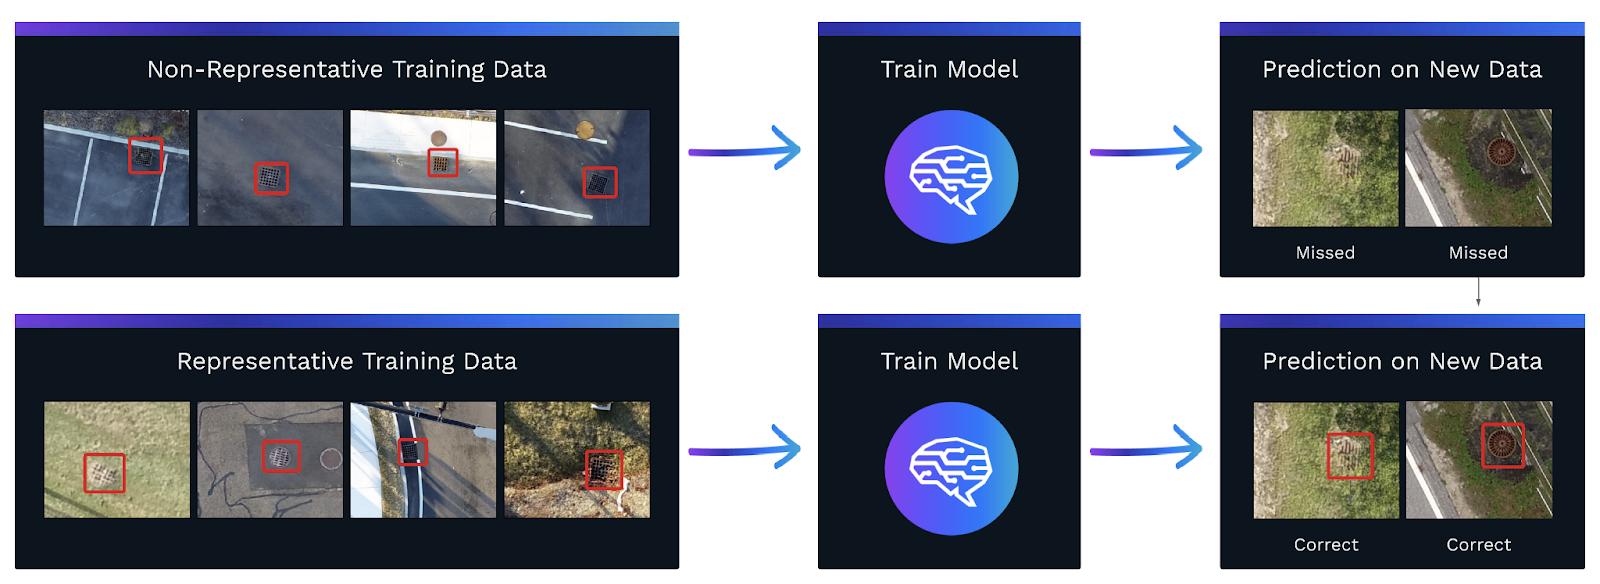 Non-Representative Training Data